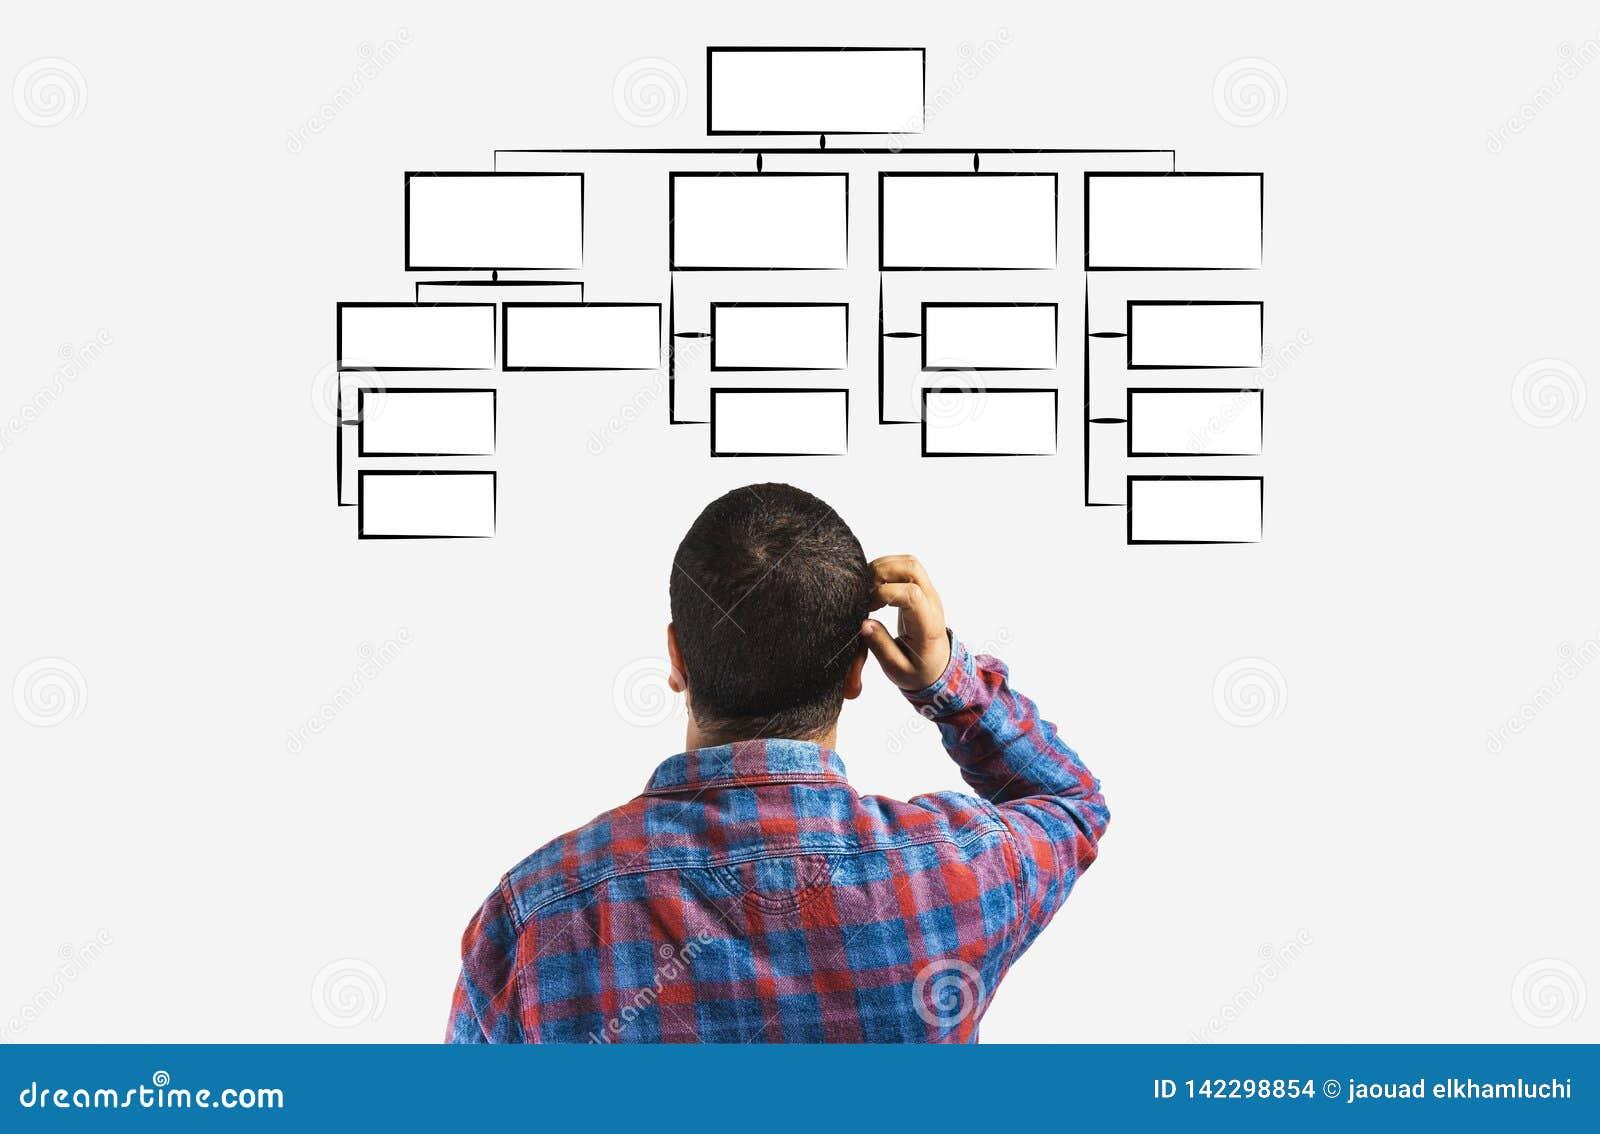 Mindmap pojęcie, Biznesowy mężczyzna patrzeje plan hierarchia, zarządzanie organizacja